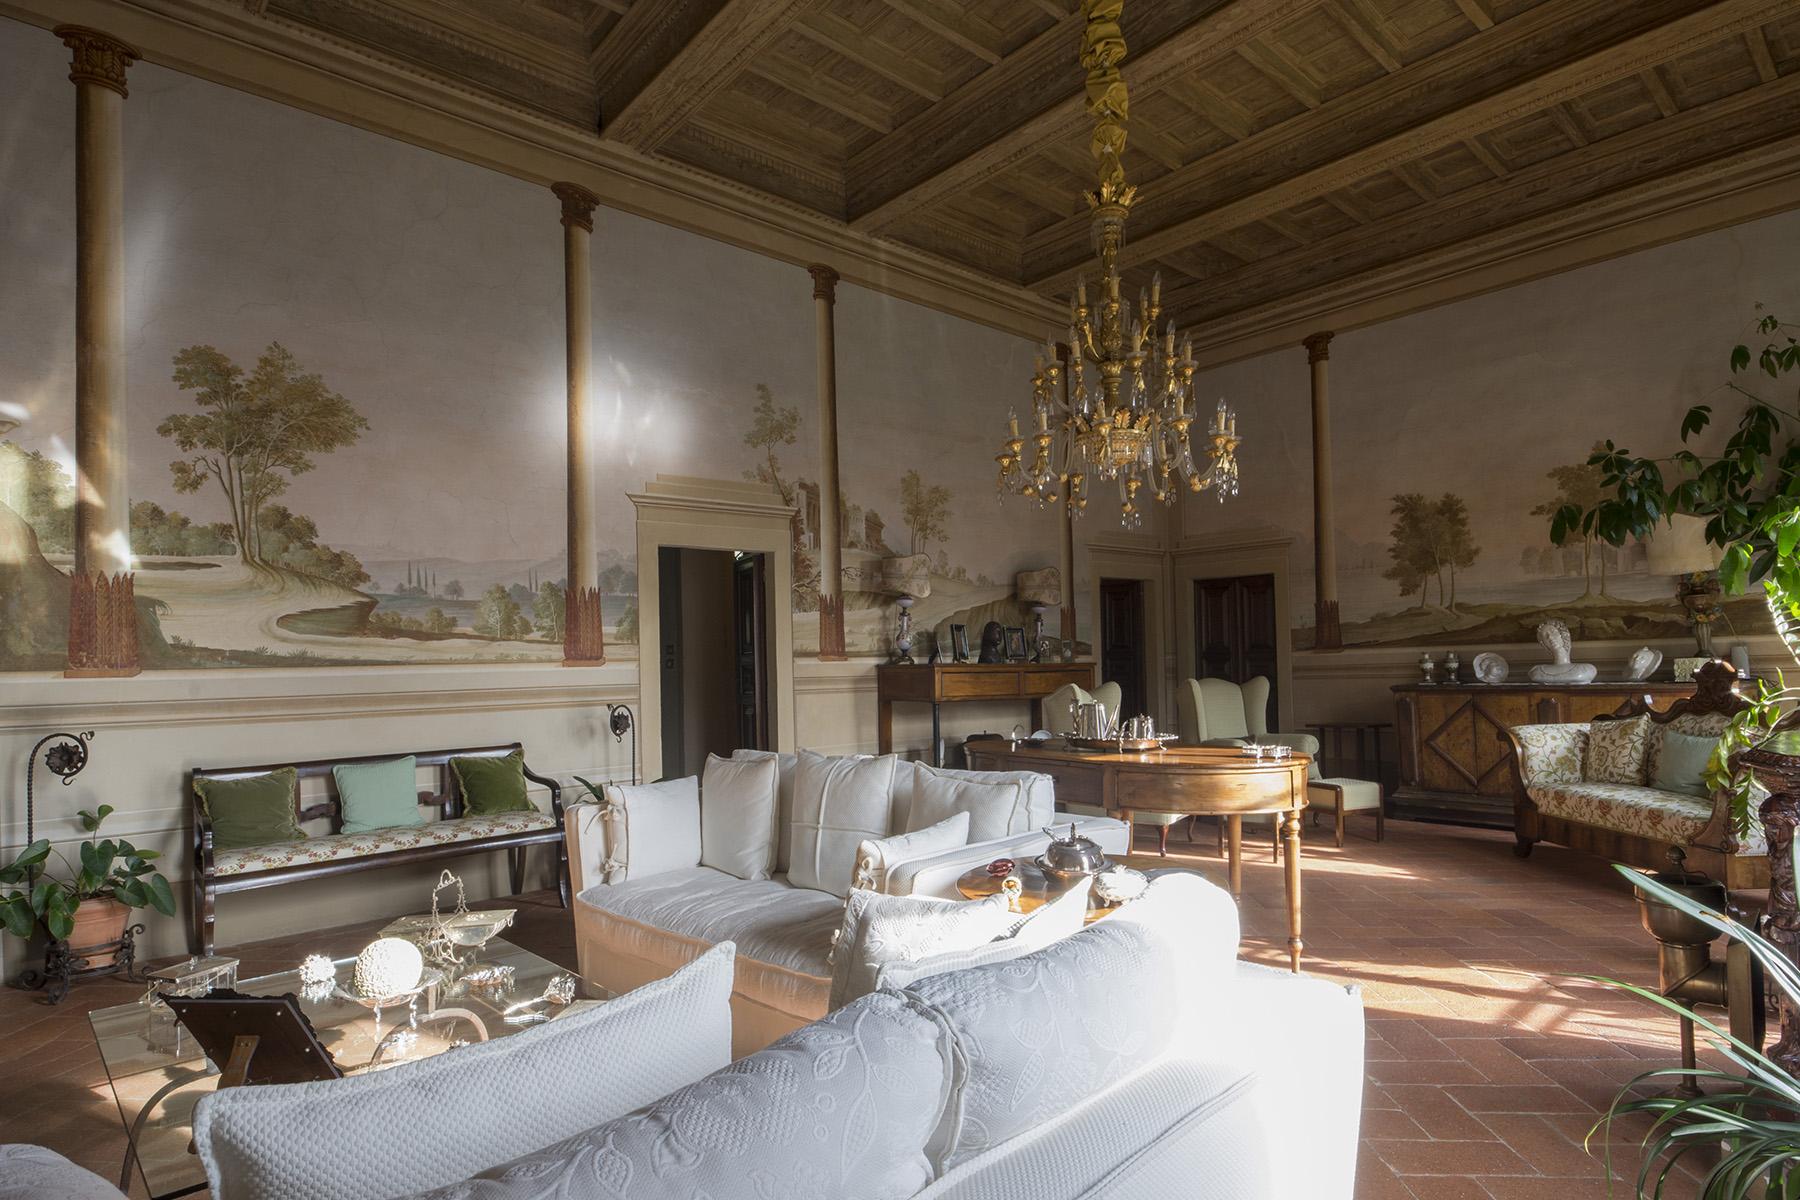 Casa indipendente in Vendita a Pistoia: 5 locali, 500 mq